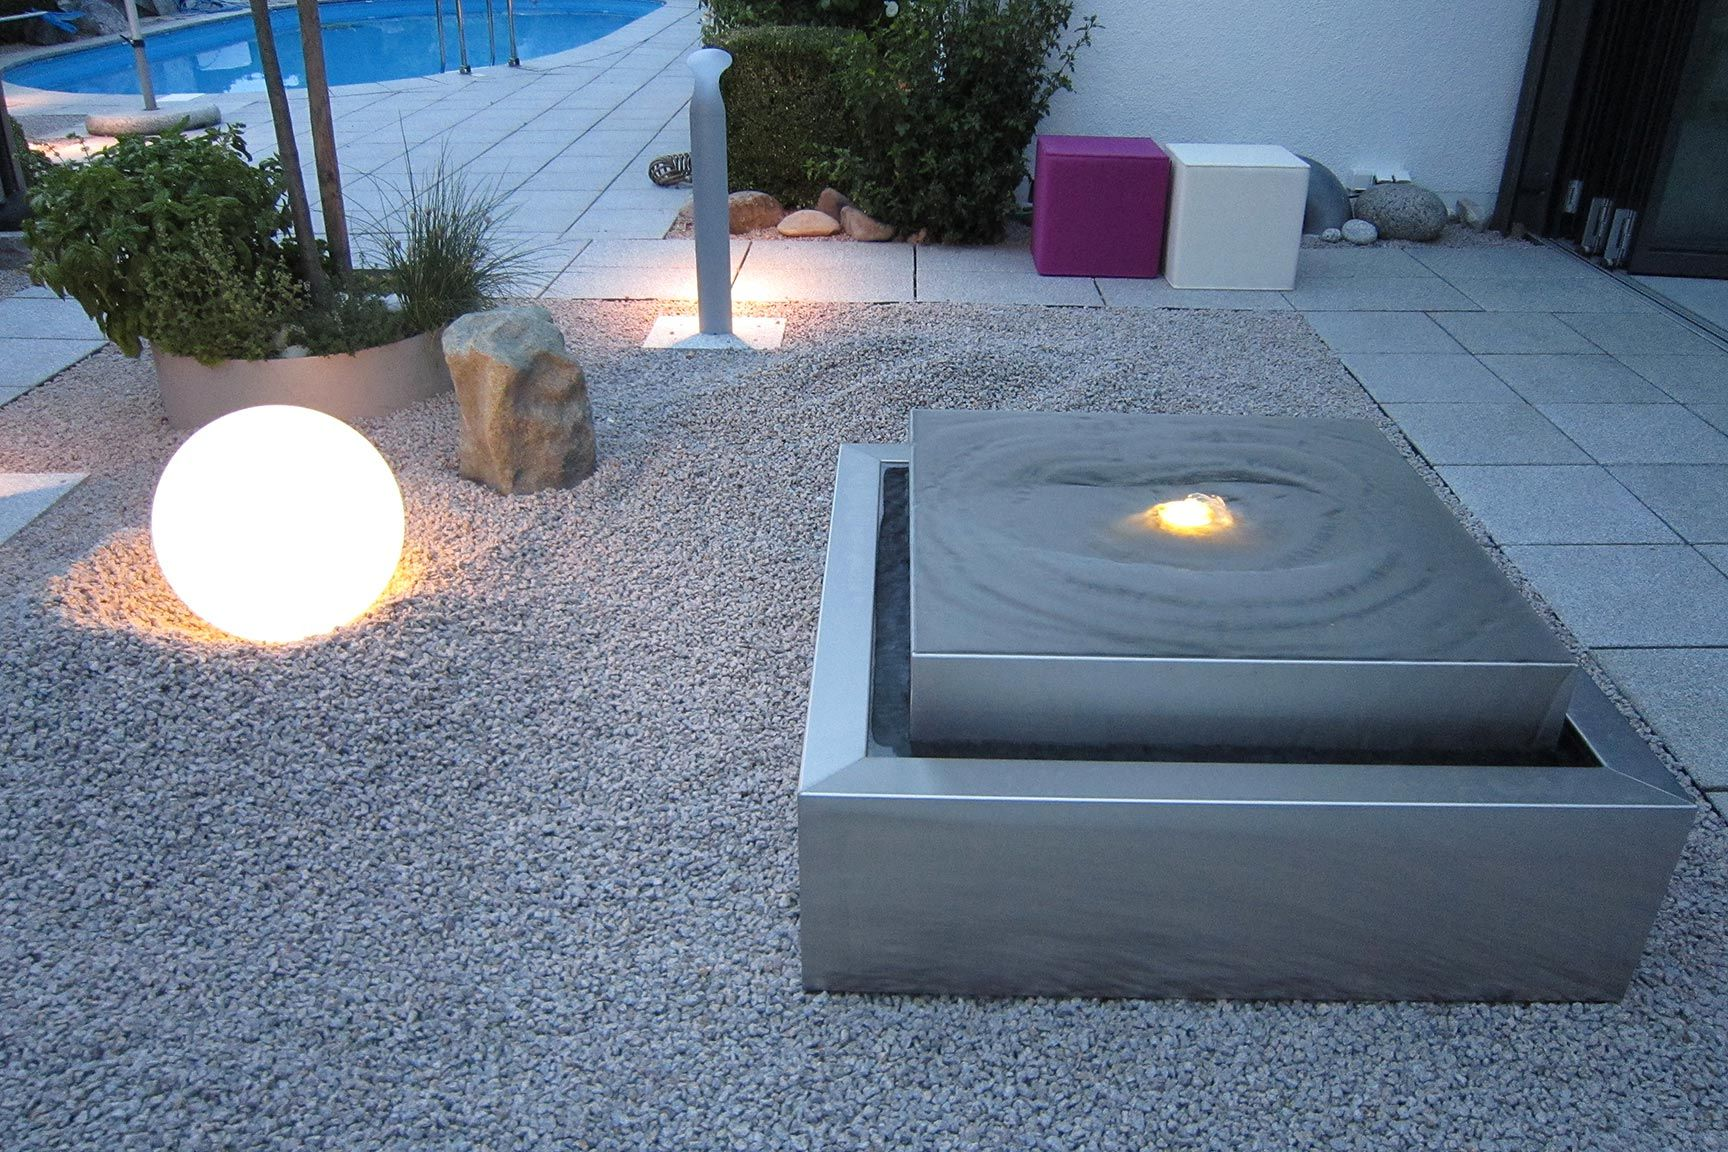 Edelstahl Gartenbrunnen In Kubistischer Form Kubusbrunnen Edelstahlbrunnen Kubus Design Modern Gartenbrunnen Brunnen Garten Terrassenbrunnen